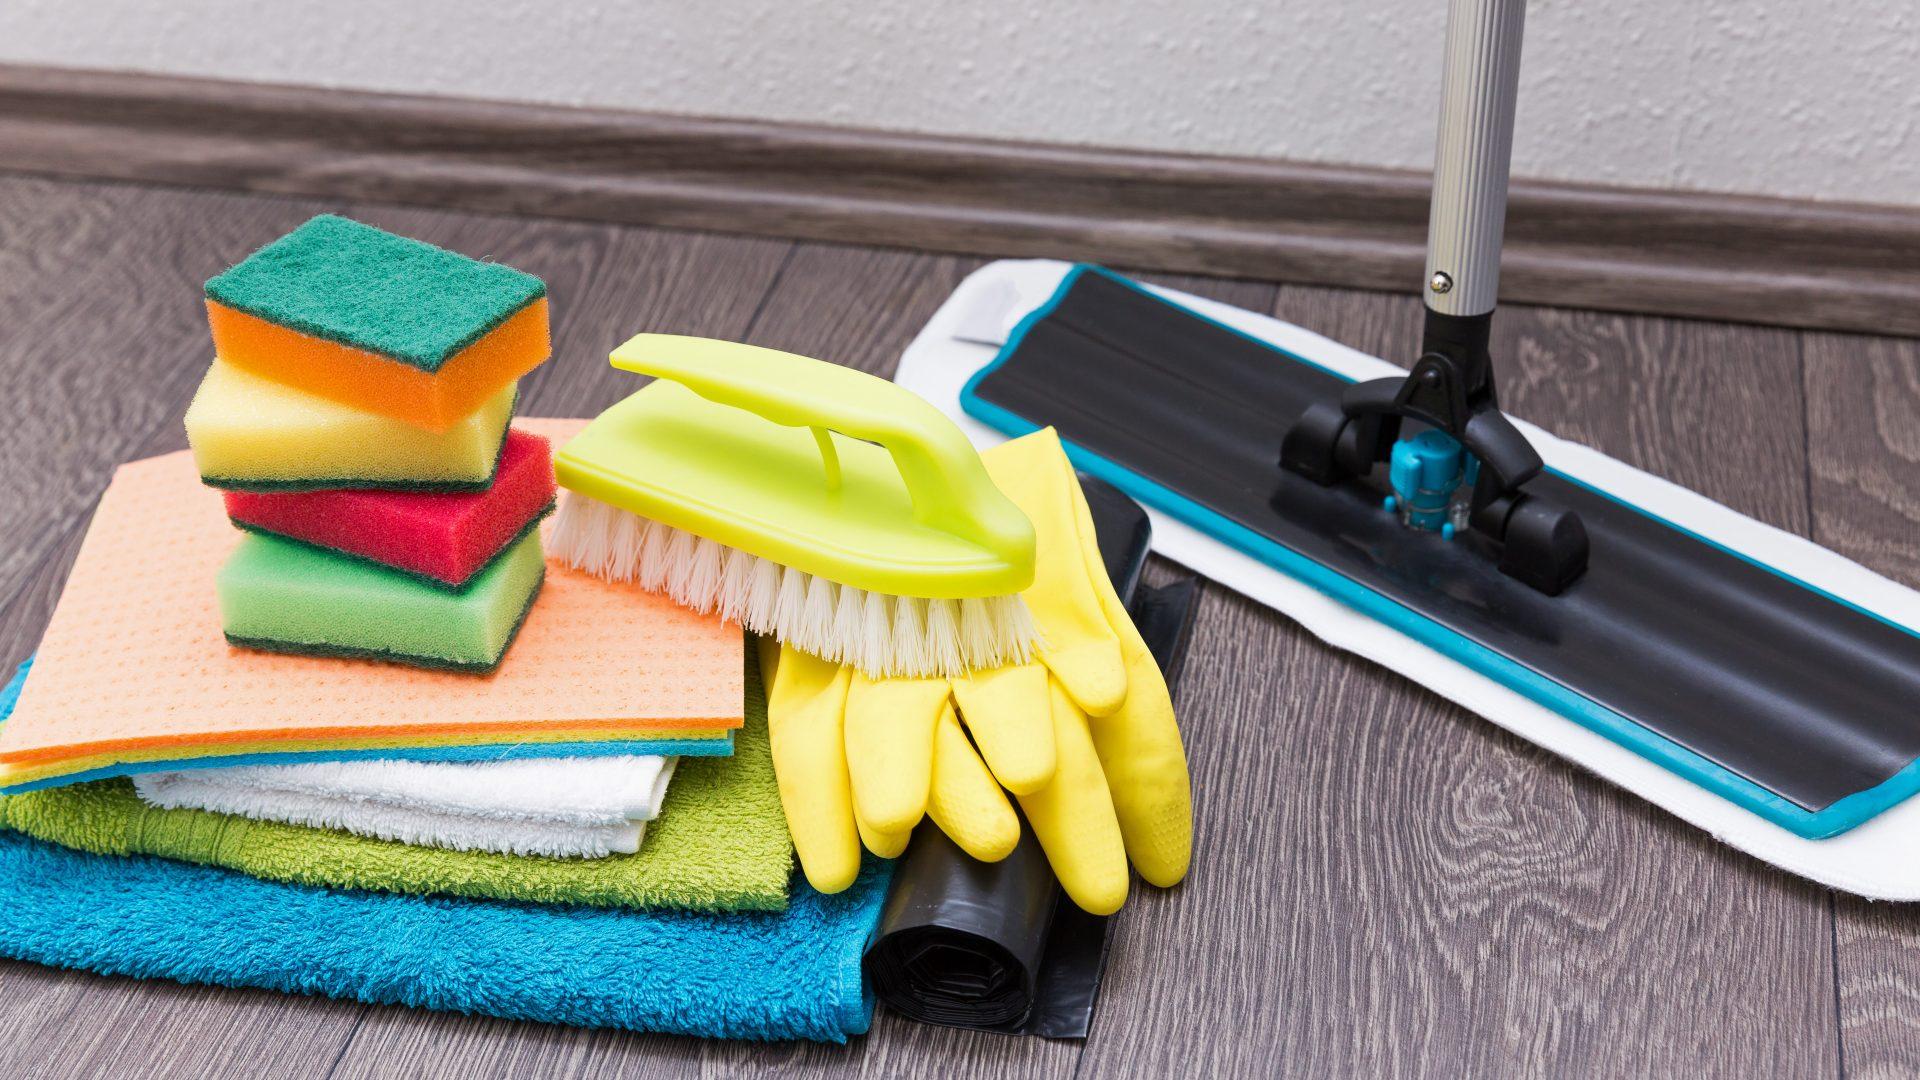 laminat reinigen mit speziellen wischt chern. Black Bedroom Furniture Sets. Home Design Ideas